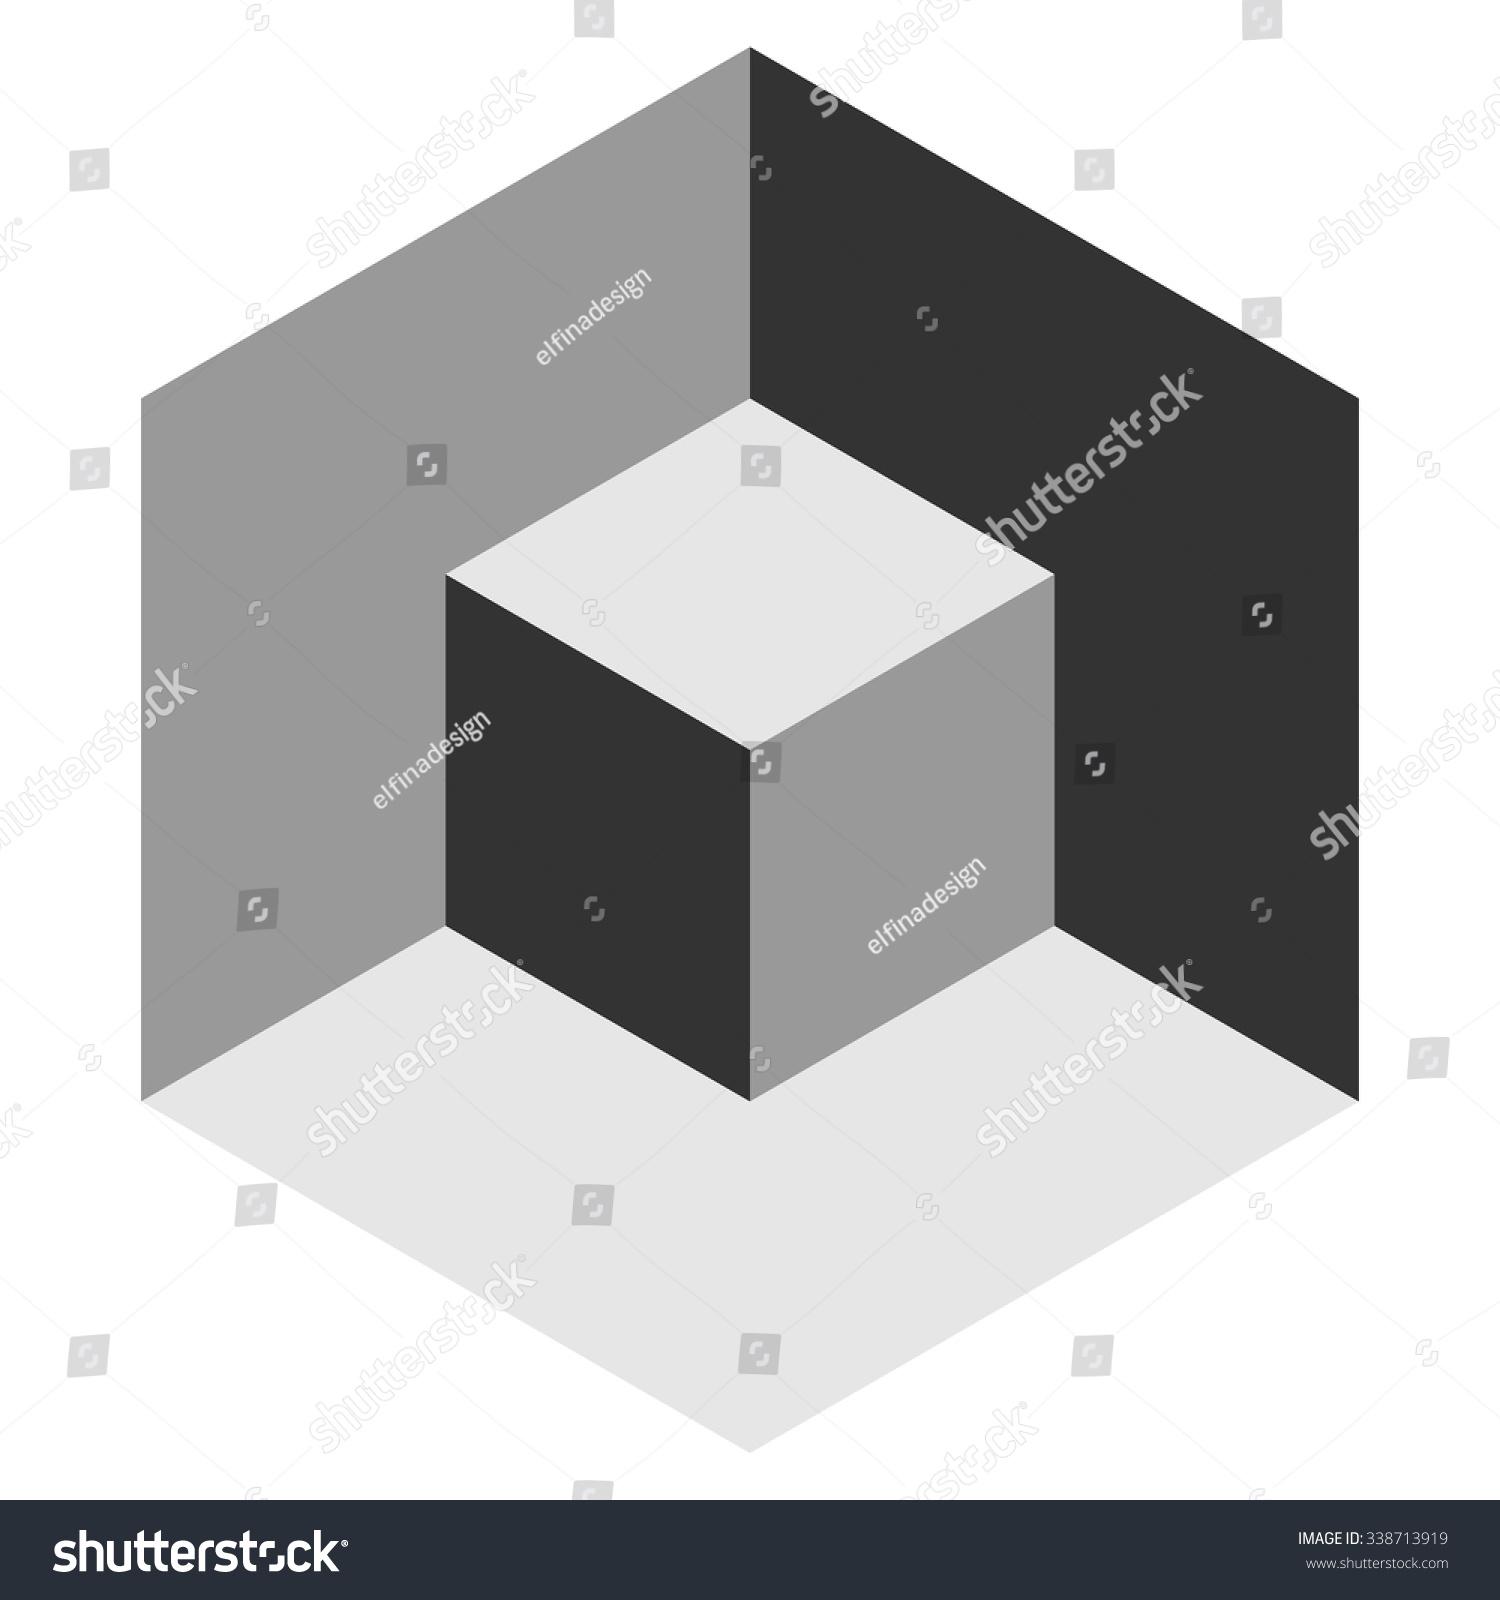 Vasarely Cube Shades Grey Logo Design Stock Vector 338713919 ...